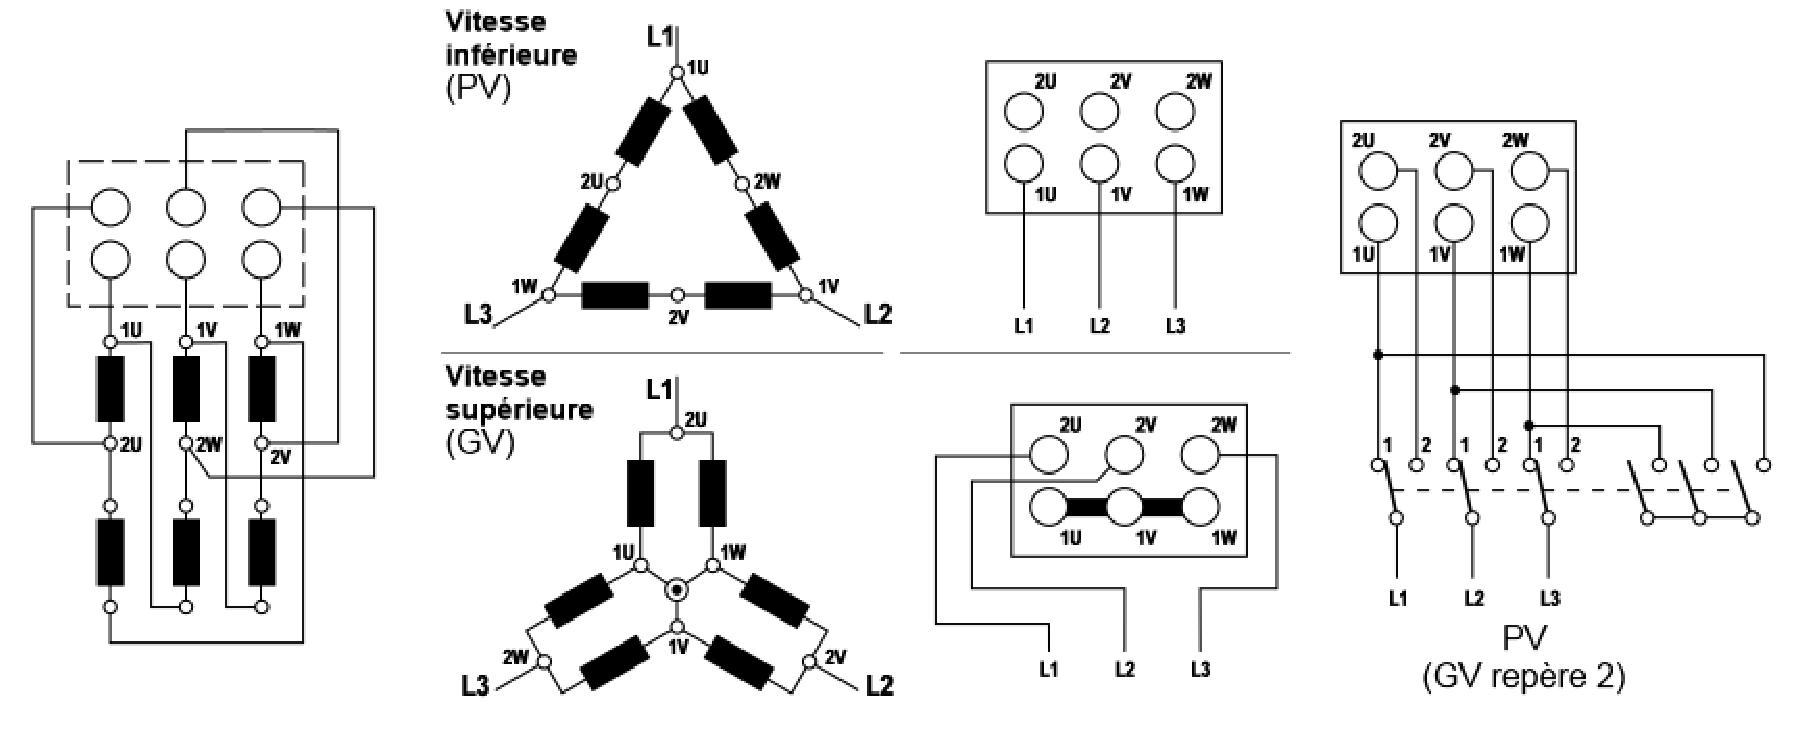 zetron wiring diagram   21 wiring diagram images